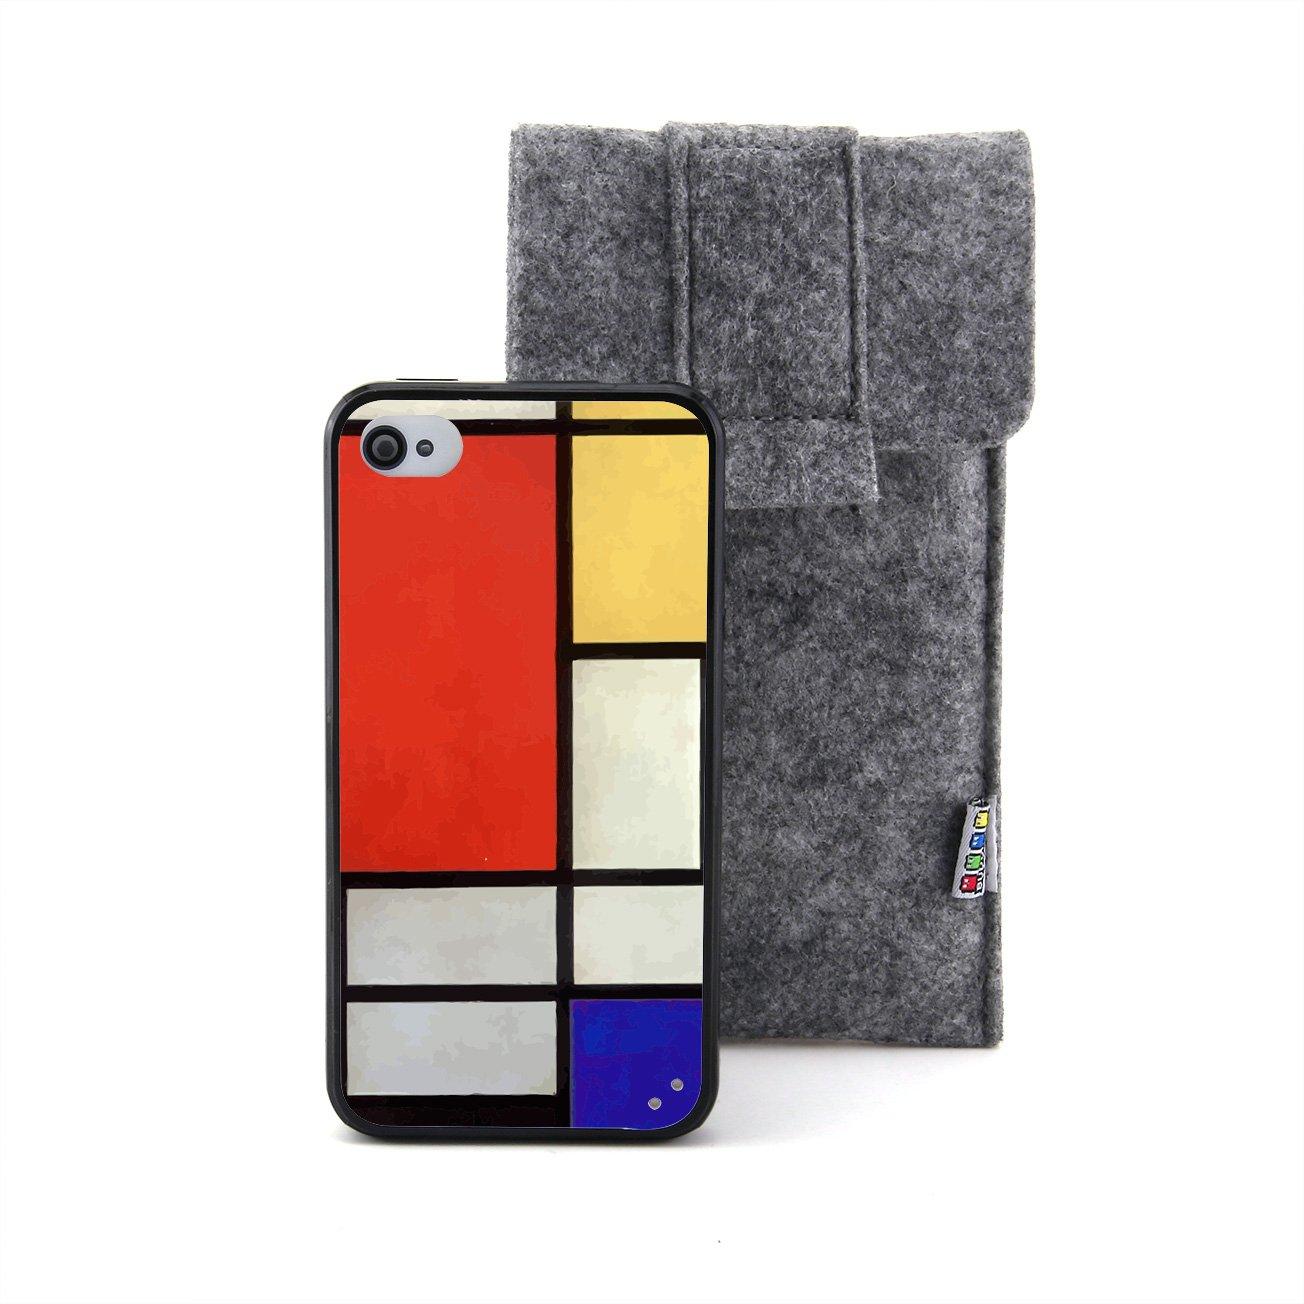 红黄蓝的构成 蒙得里安油画浮雕设计风格 塑料 tpu手机壳 手机套 适用